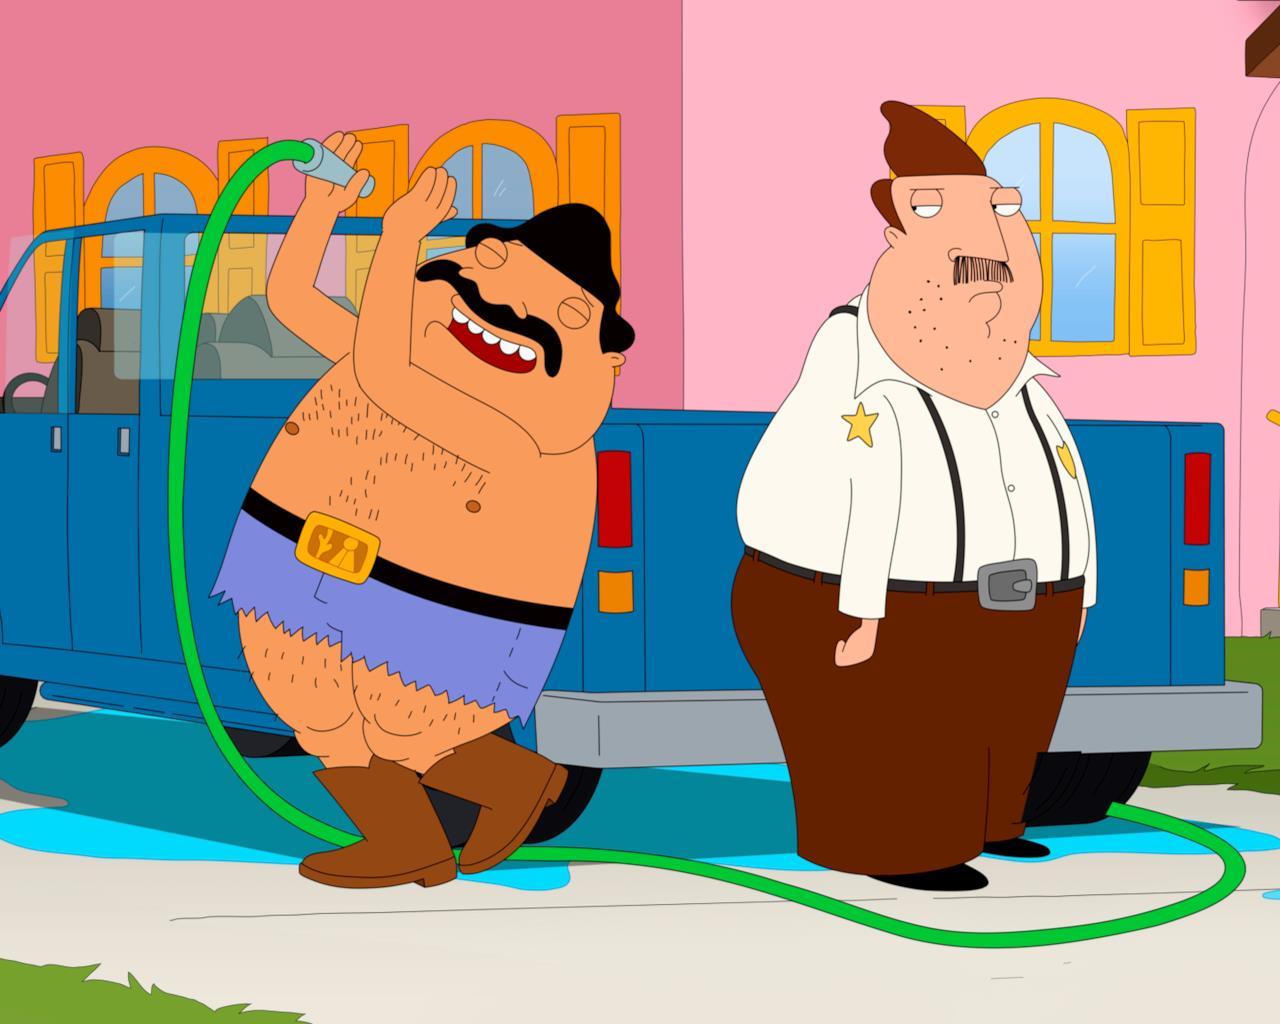 Ernesto felice e Bud invidioso nel quarto episodio di Bordertown